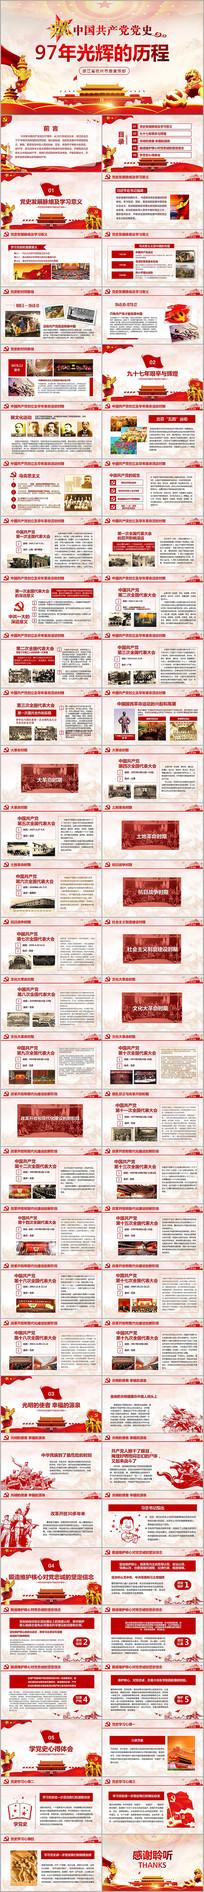 建党97周年光辉的历程党课PPT